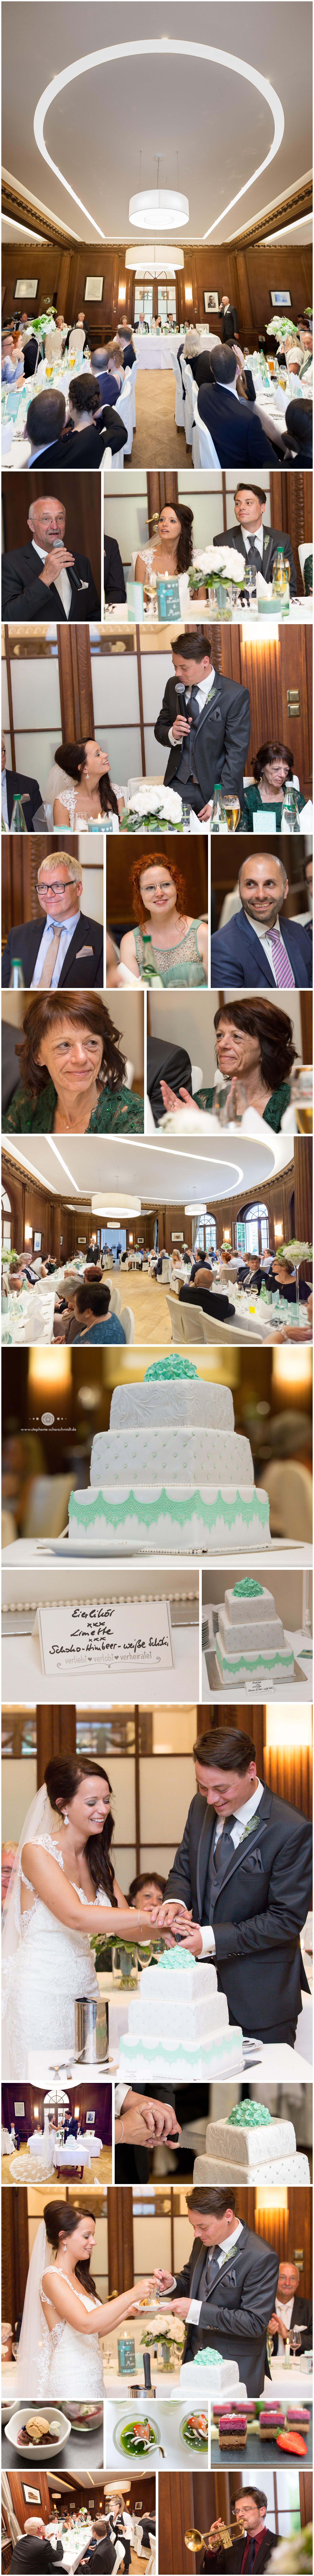 hochzeitsreportage - hochzeitsfotograf Thüringen + hochzeitsbilder Thüringen